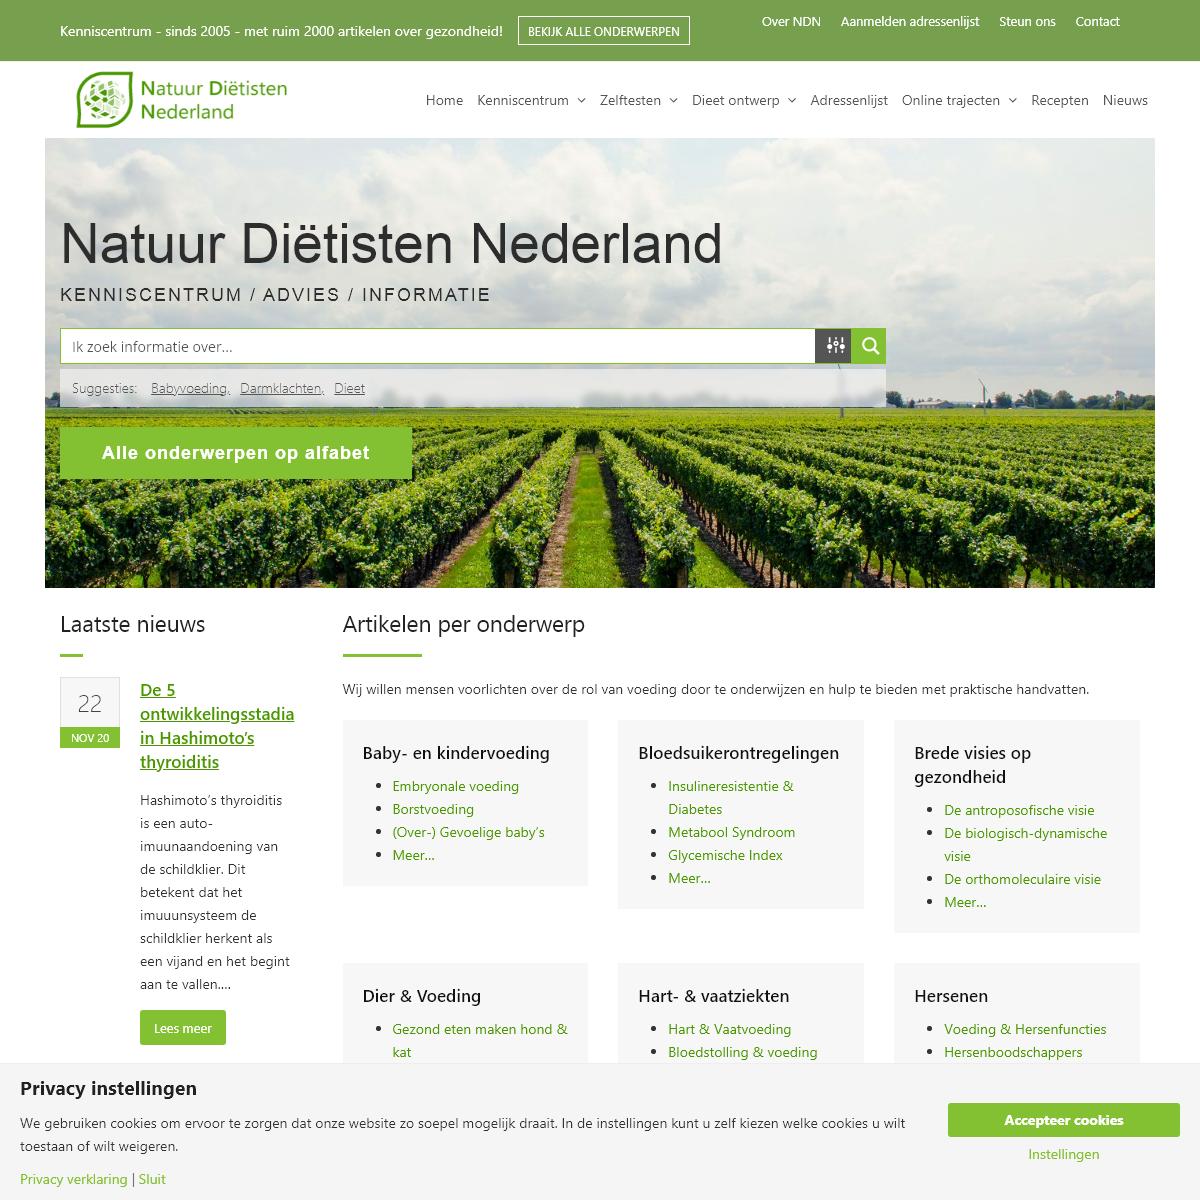 Natuurdietisten.nl - Ruim 2000 artikelen over gezondheid!